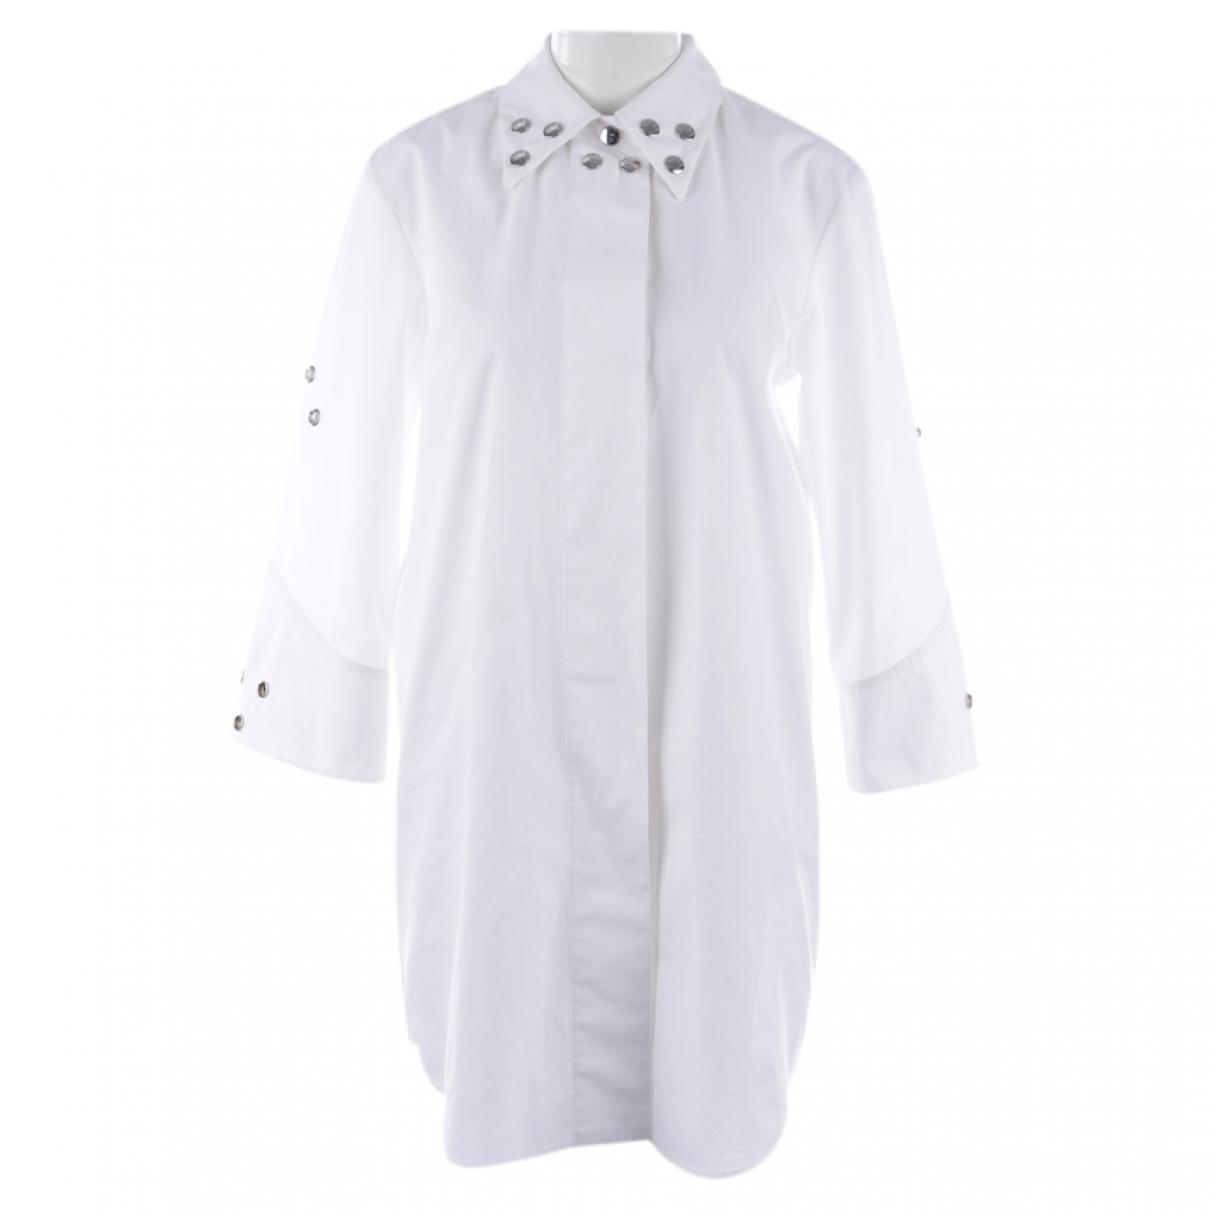 Maison Martin Margiela \N White Cotton dress for Women 36 FR